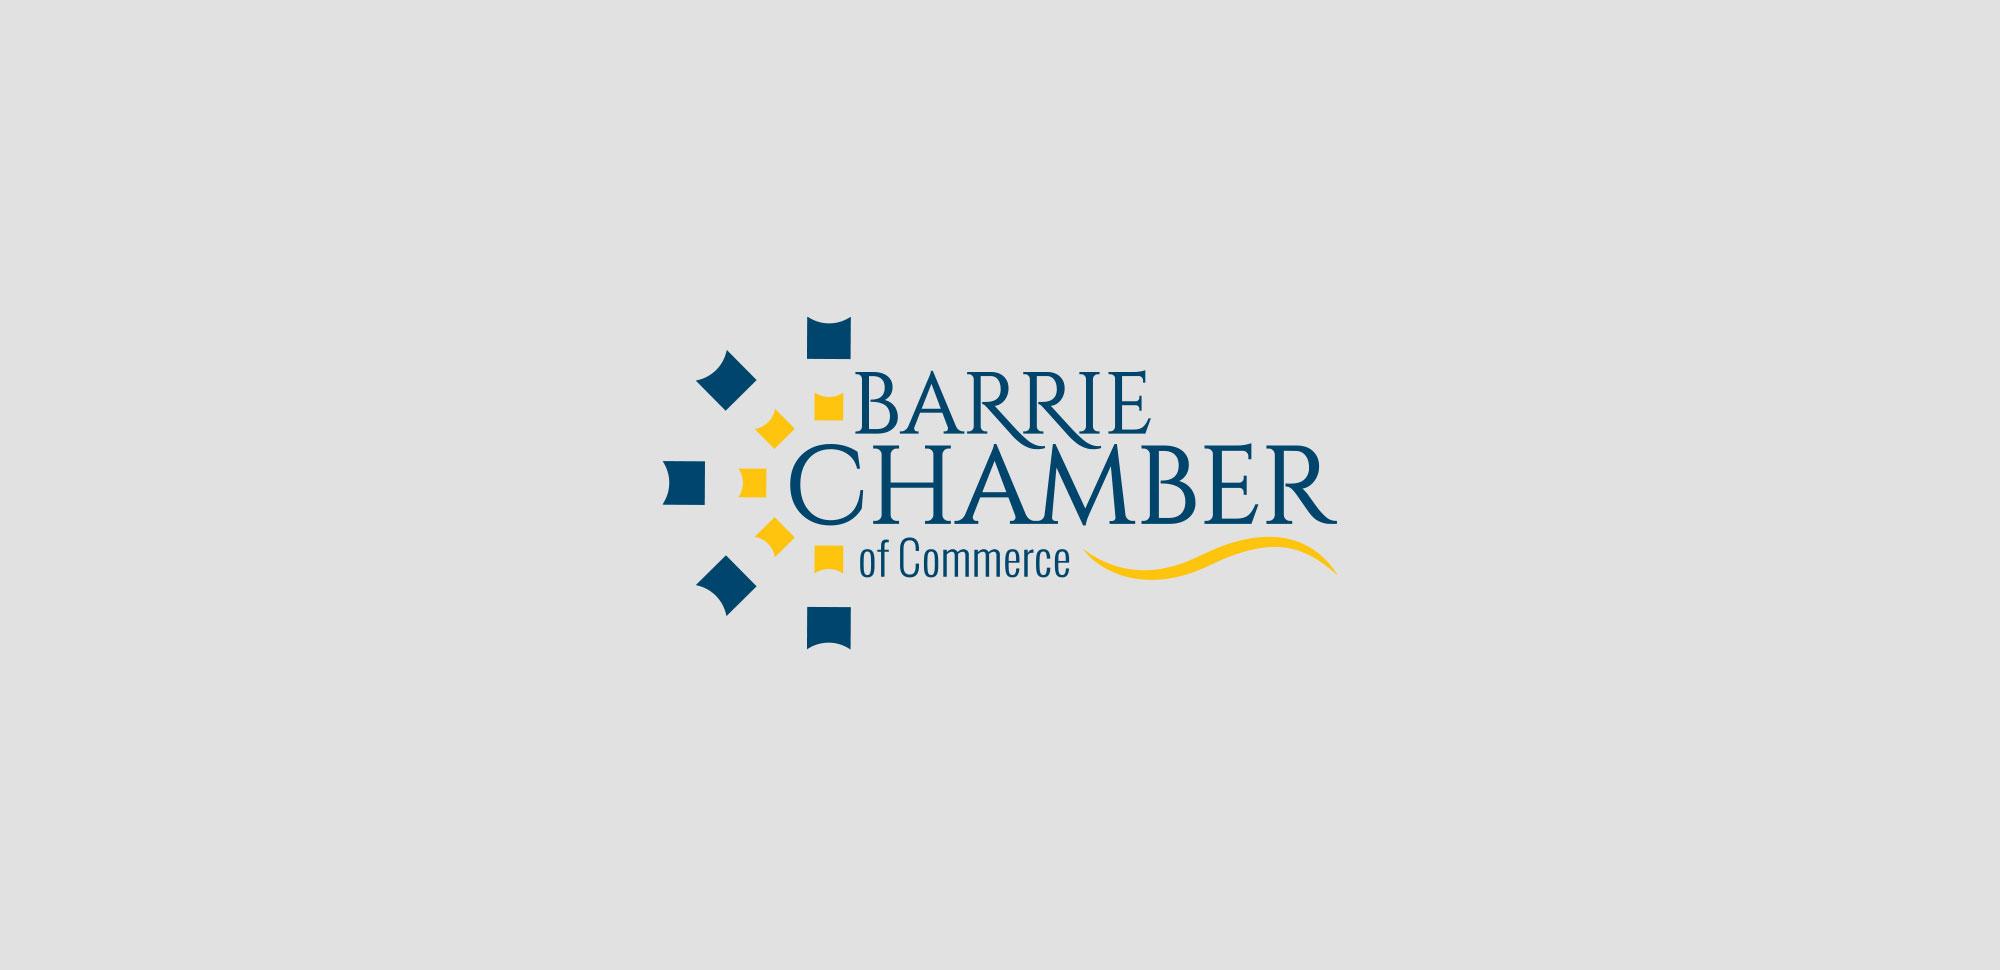 Barrie Chamber of Commerce Logo & Identity Design